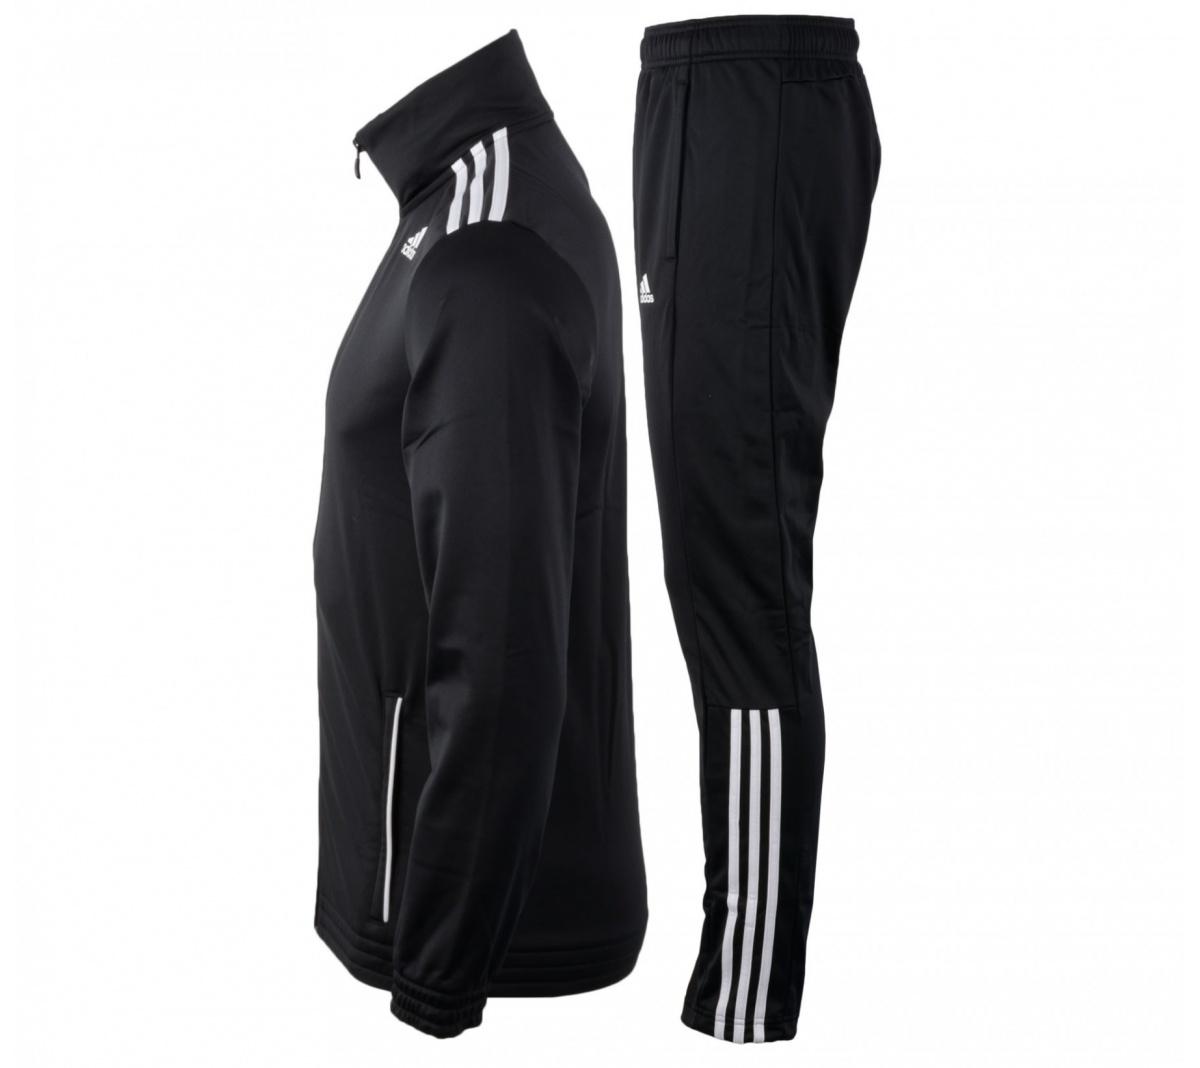 b17faaffed Agasalho Adidas Entry Knit - Mundo do Futebol